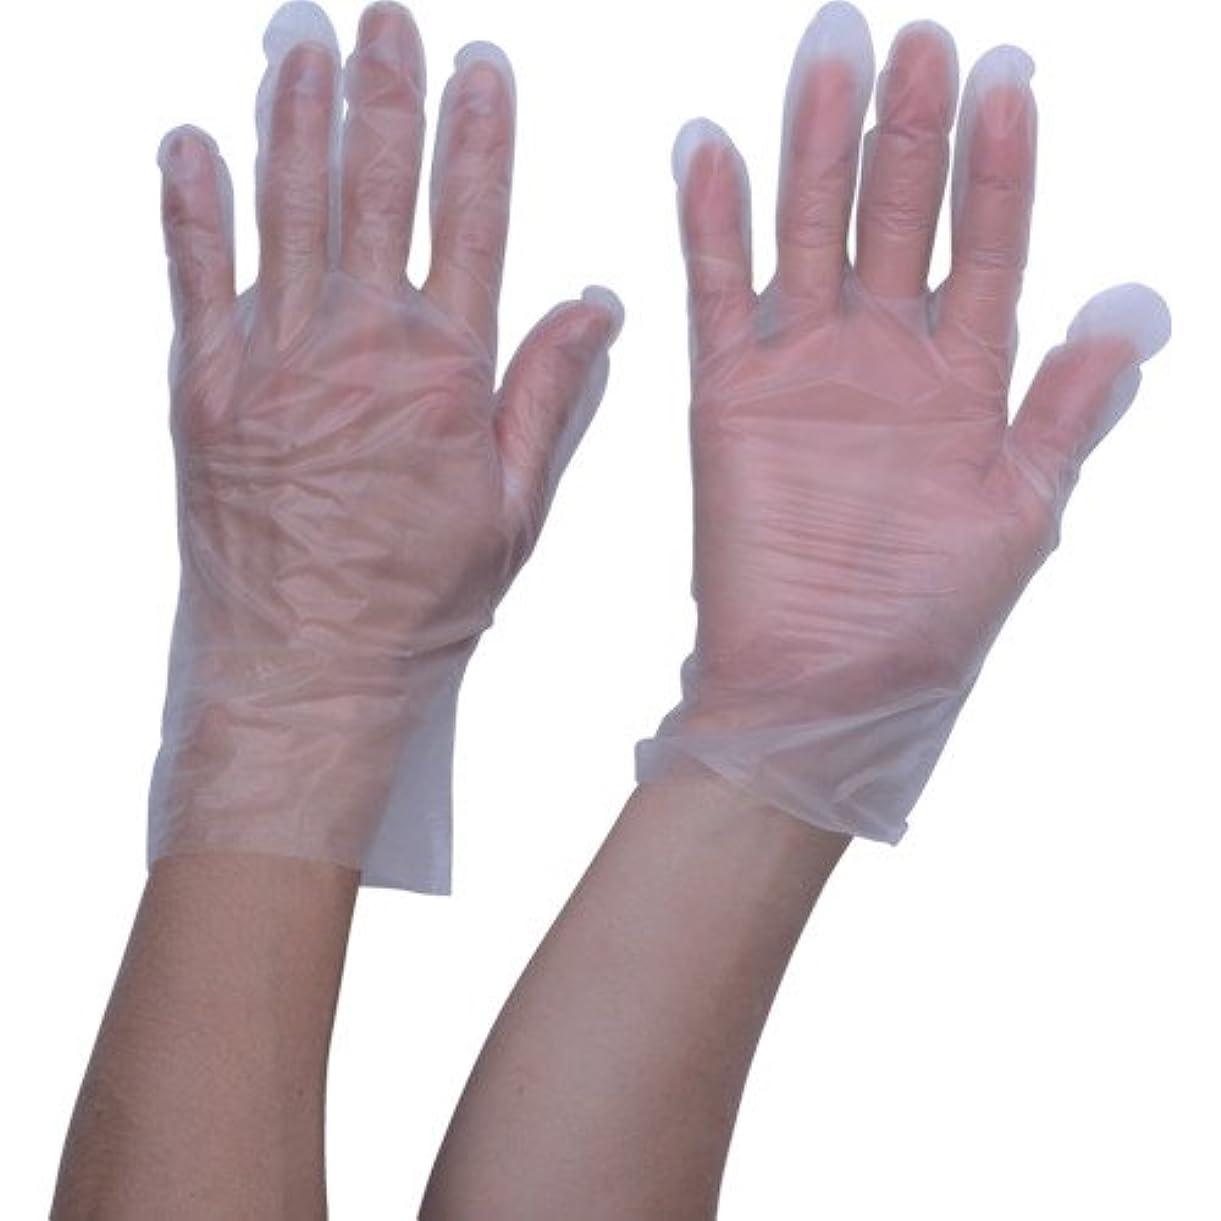 壁深さドライブTRUSCO ポリエチレン 使い捨て手袋 ウェーブカットタイプL (100枚入)(入数:100枚) TGCPE025L